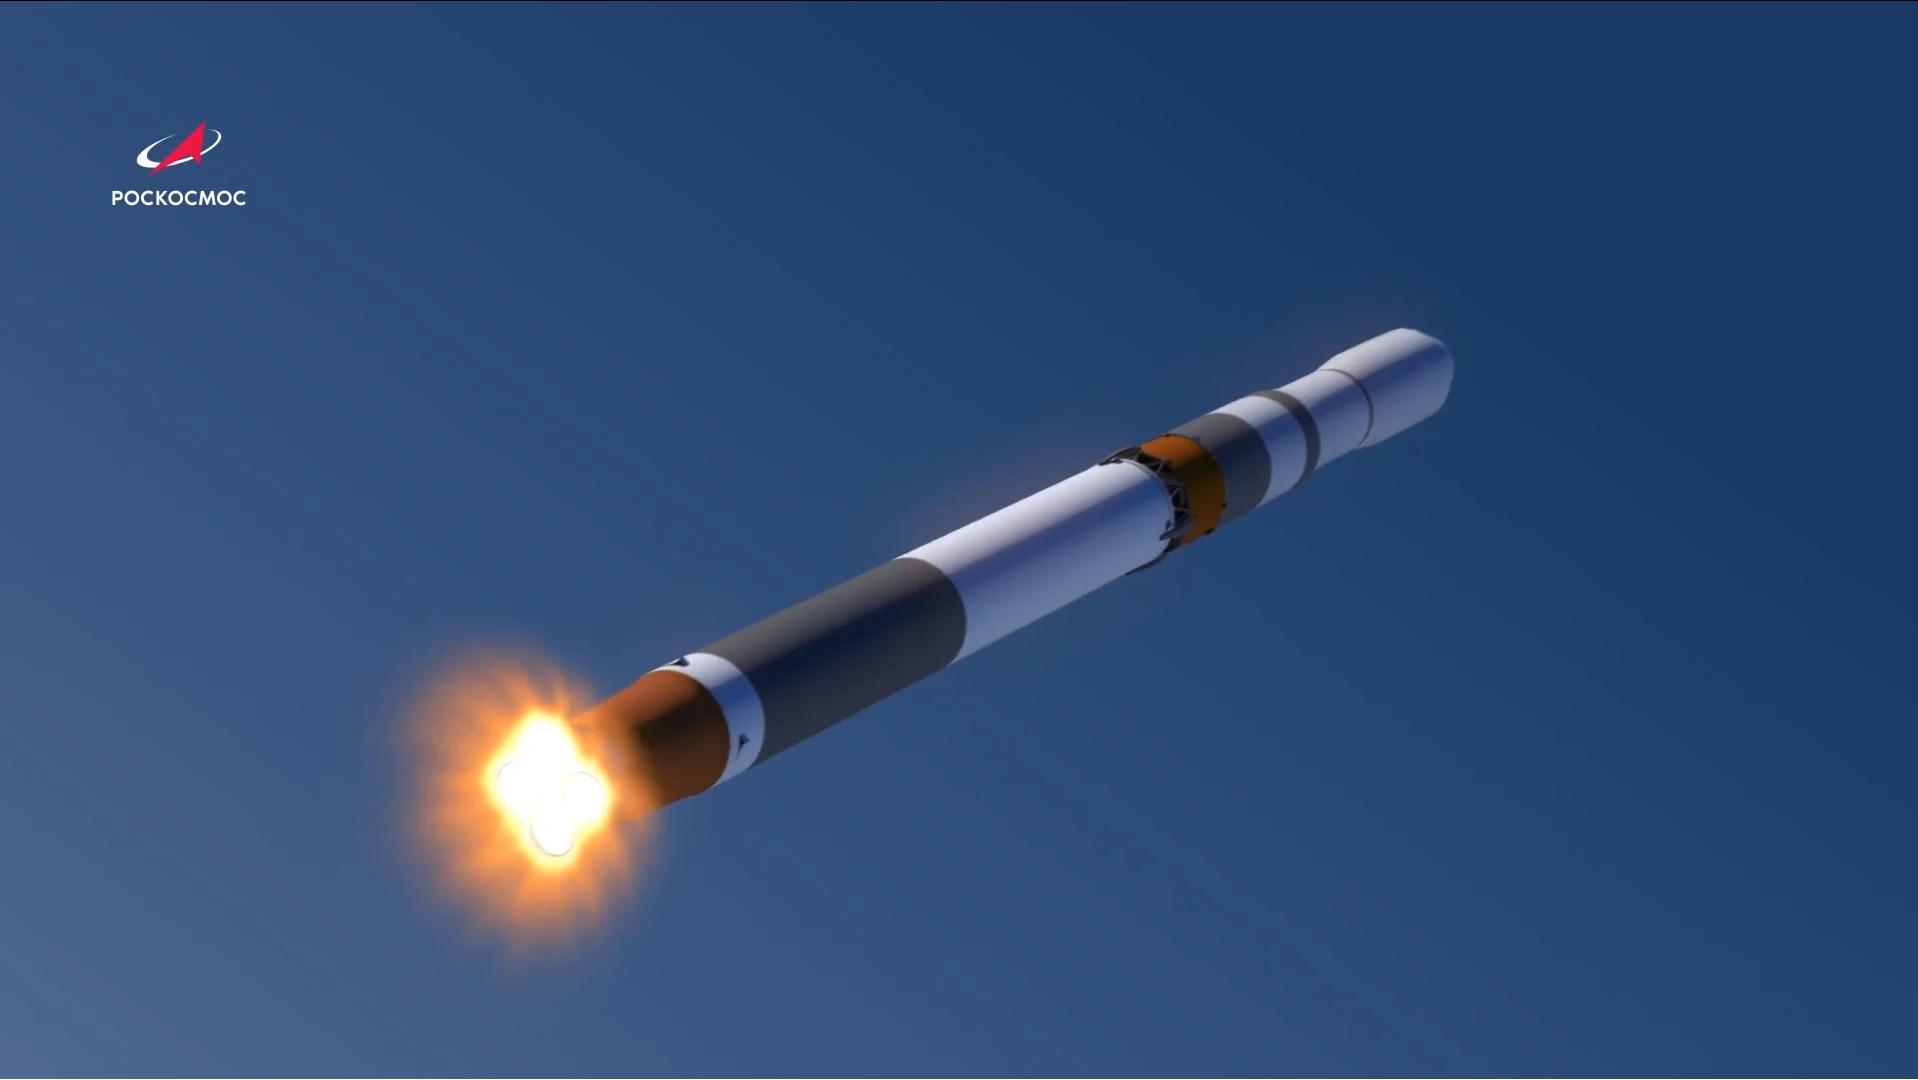 Россия и Казахстан договорились создать на Байконуре стартовый комплекс для ракет «Союз-5»